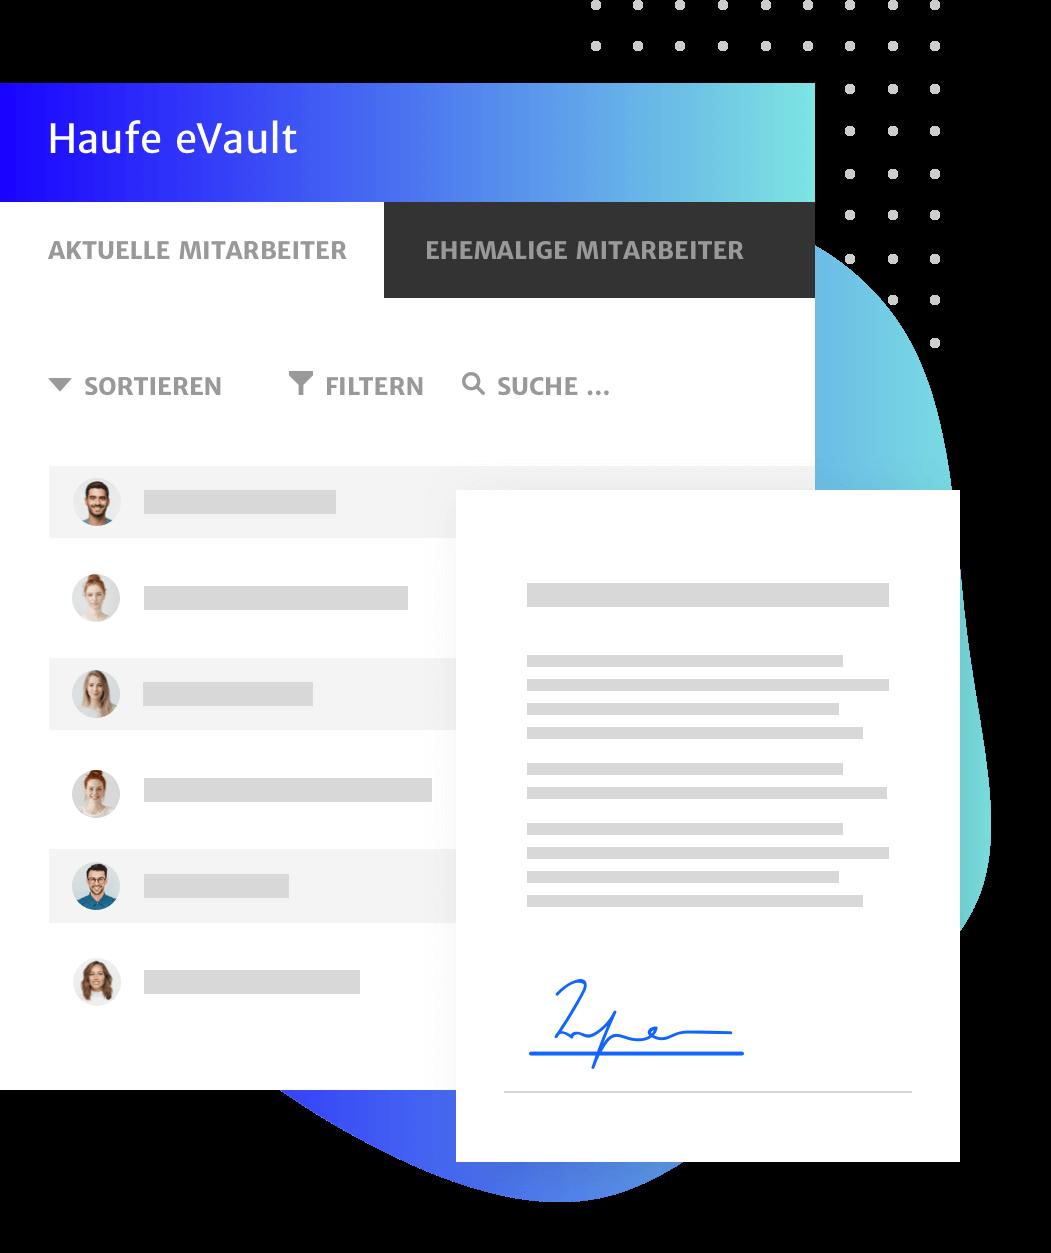 Sicherung von HR Dokumenten mit dem elektronischen Schliessfach - Haufe eVault